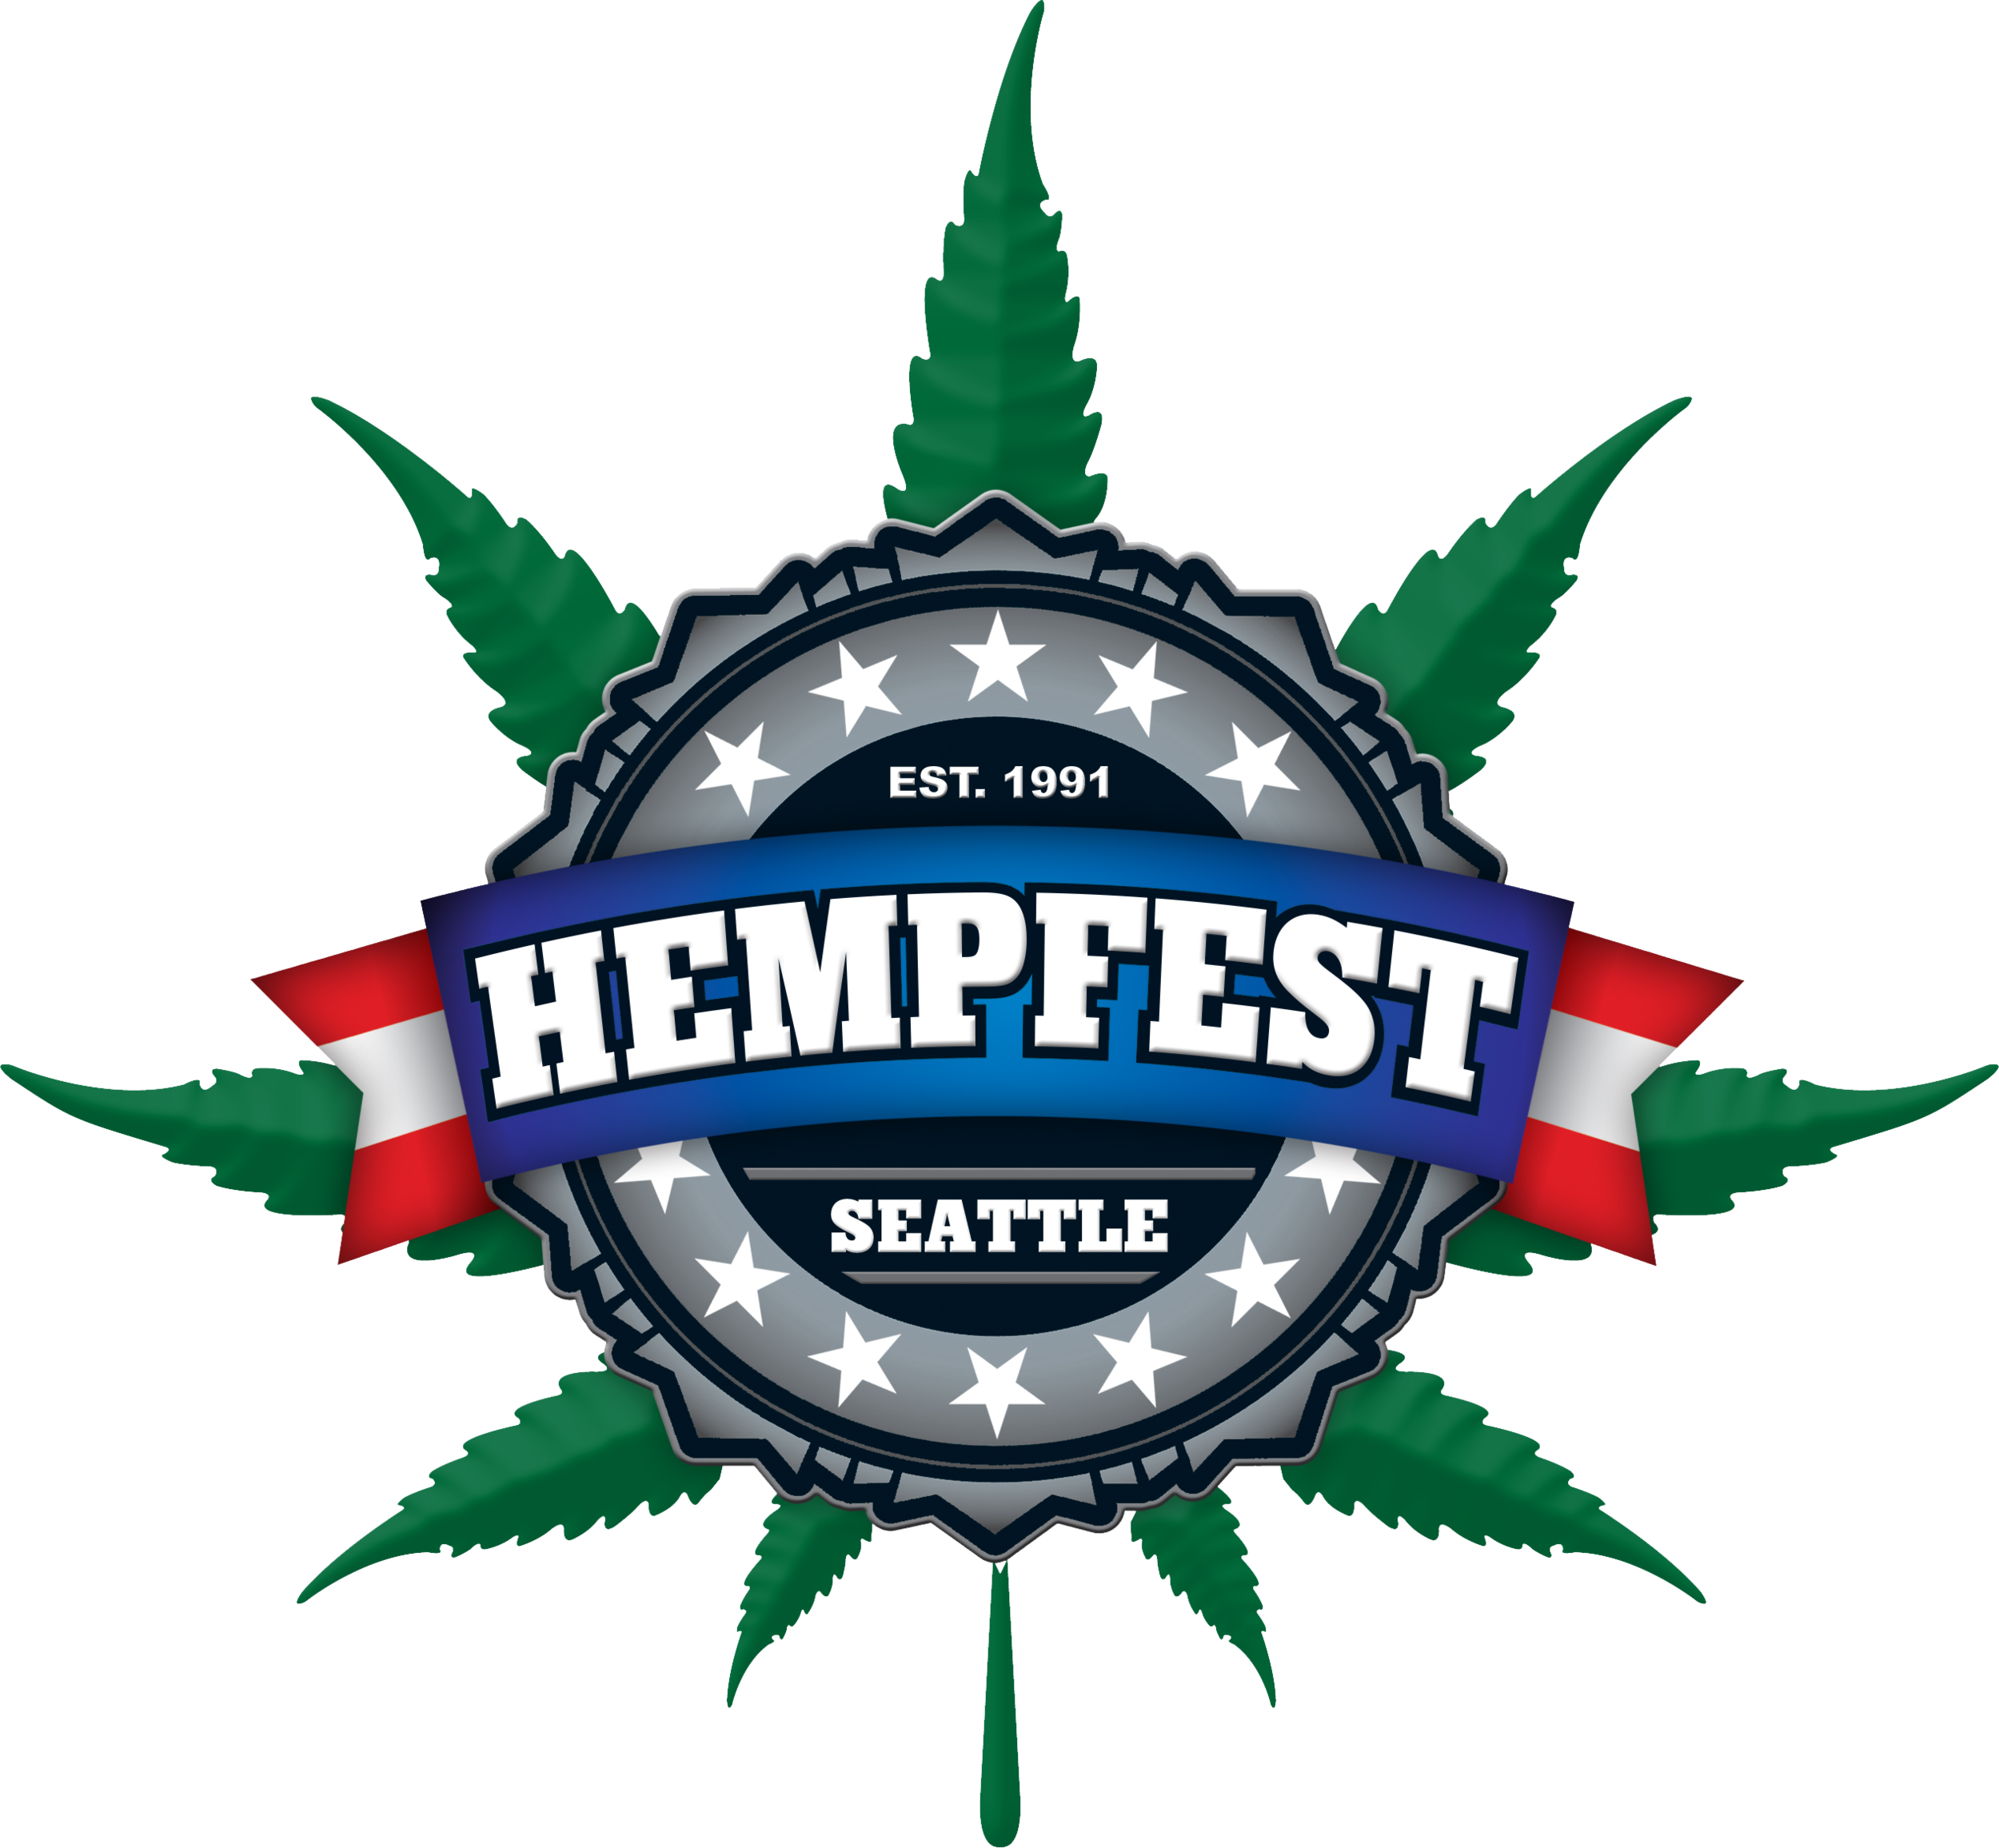 HF_Hempfest hi res.png